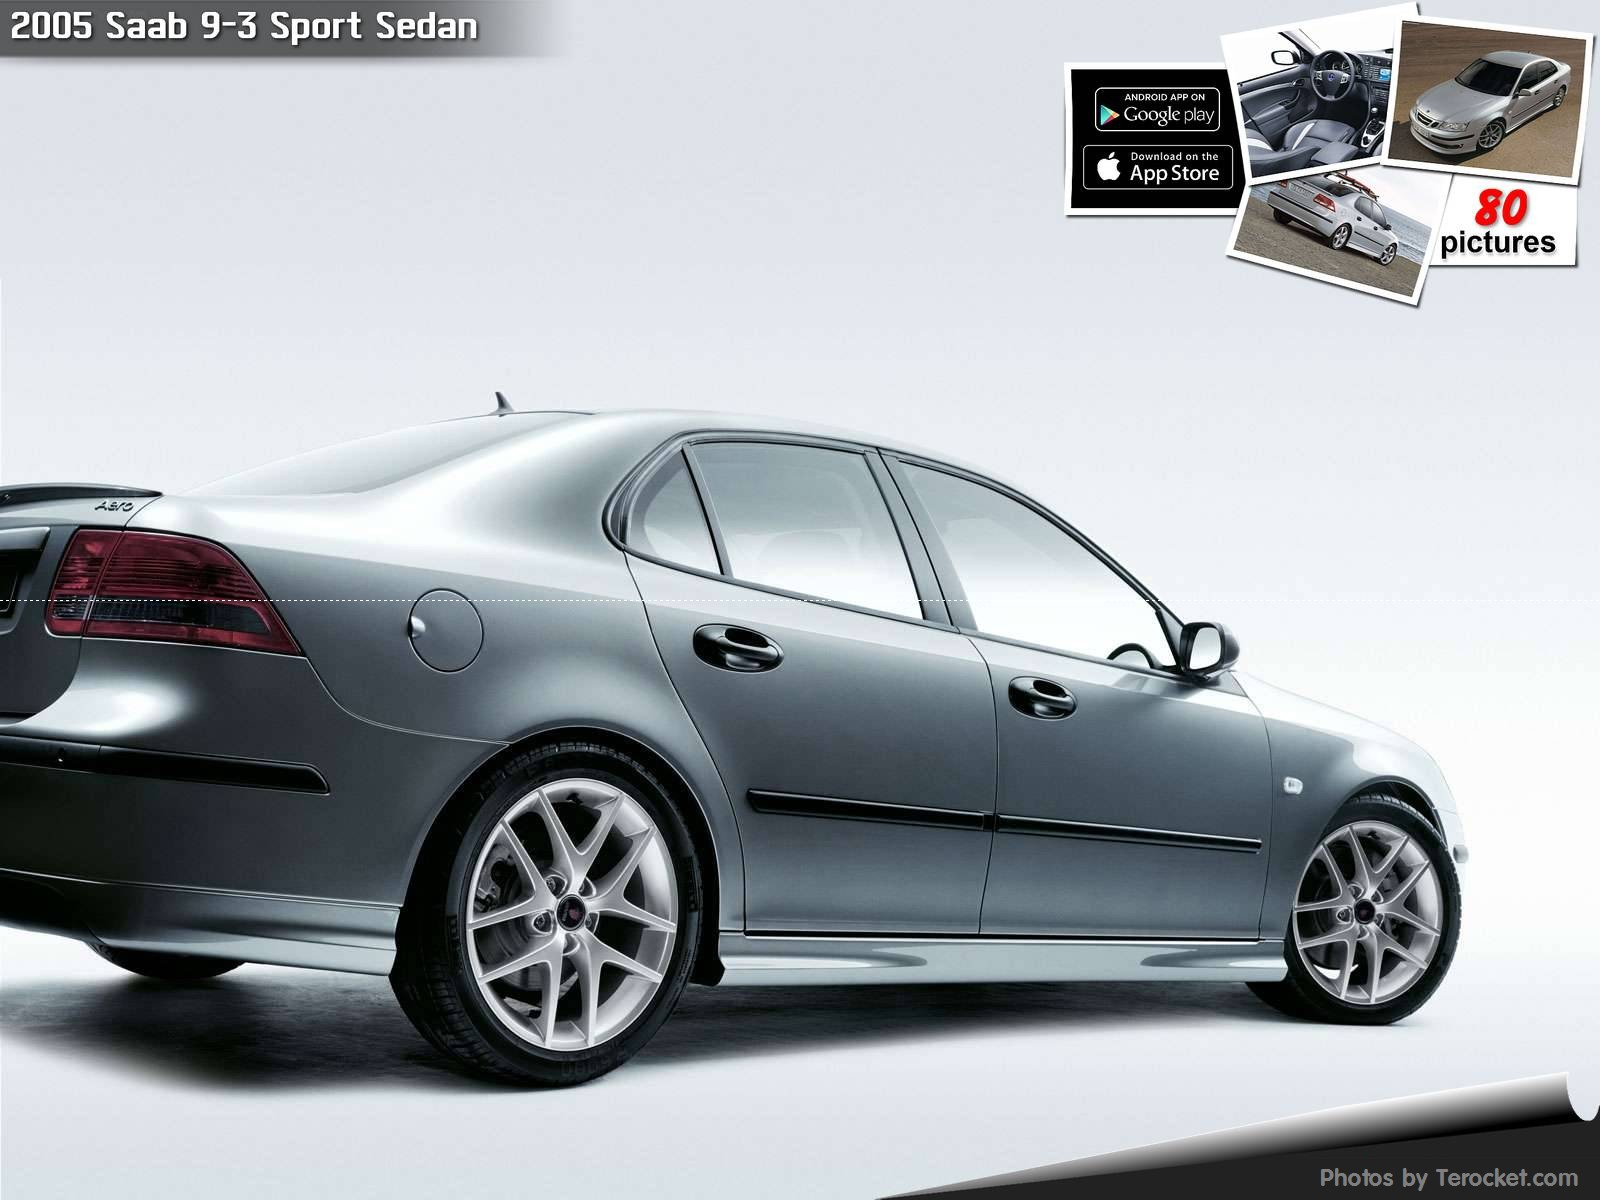 Hình ảnh xe ô tô Saab 9-3 Sport Sedan 2005 & nội ngoại thất